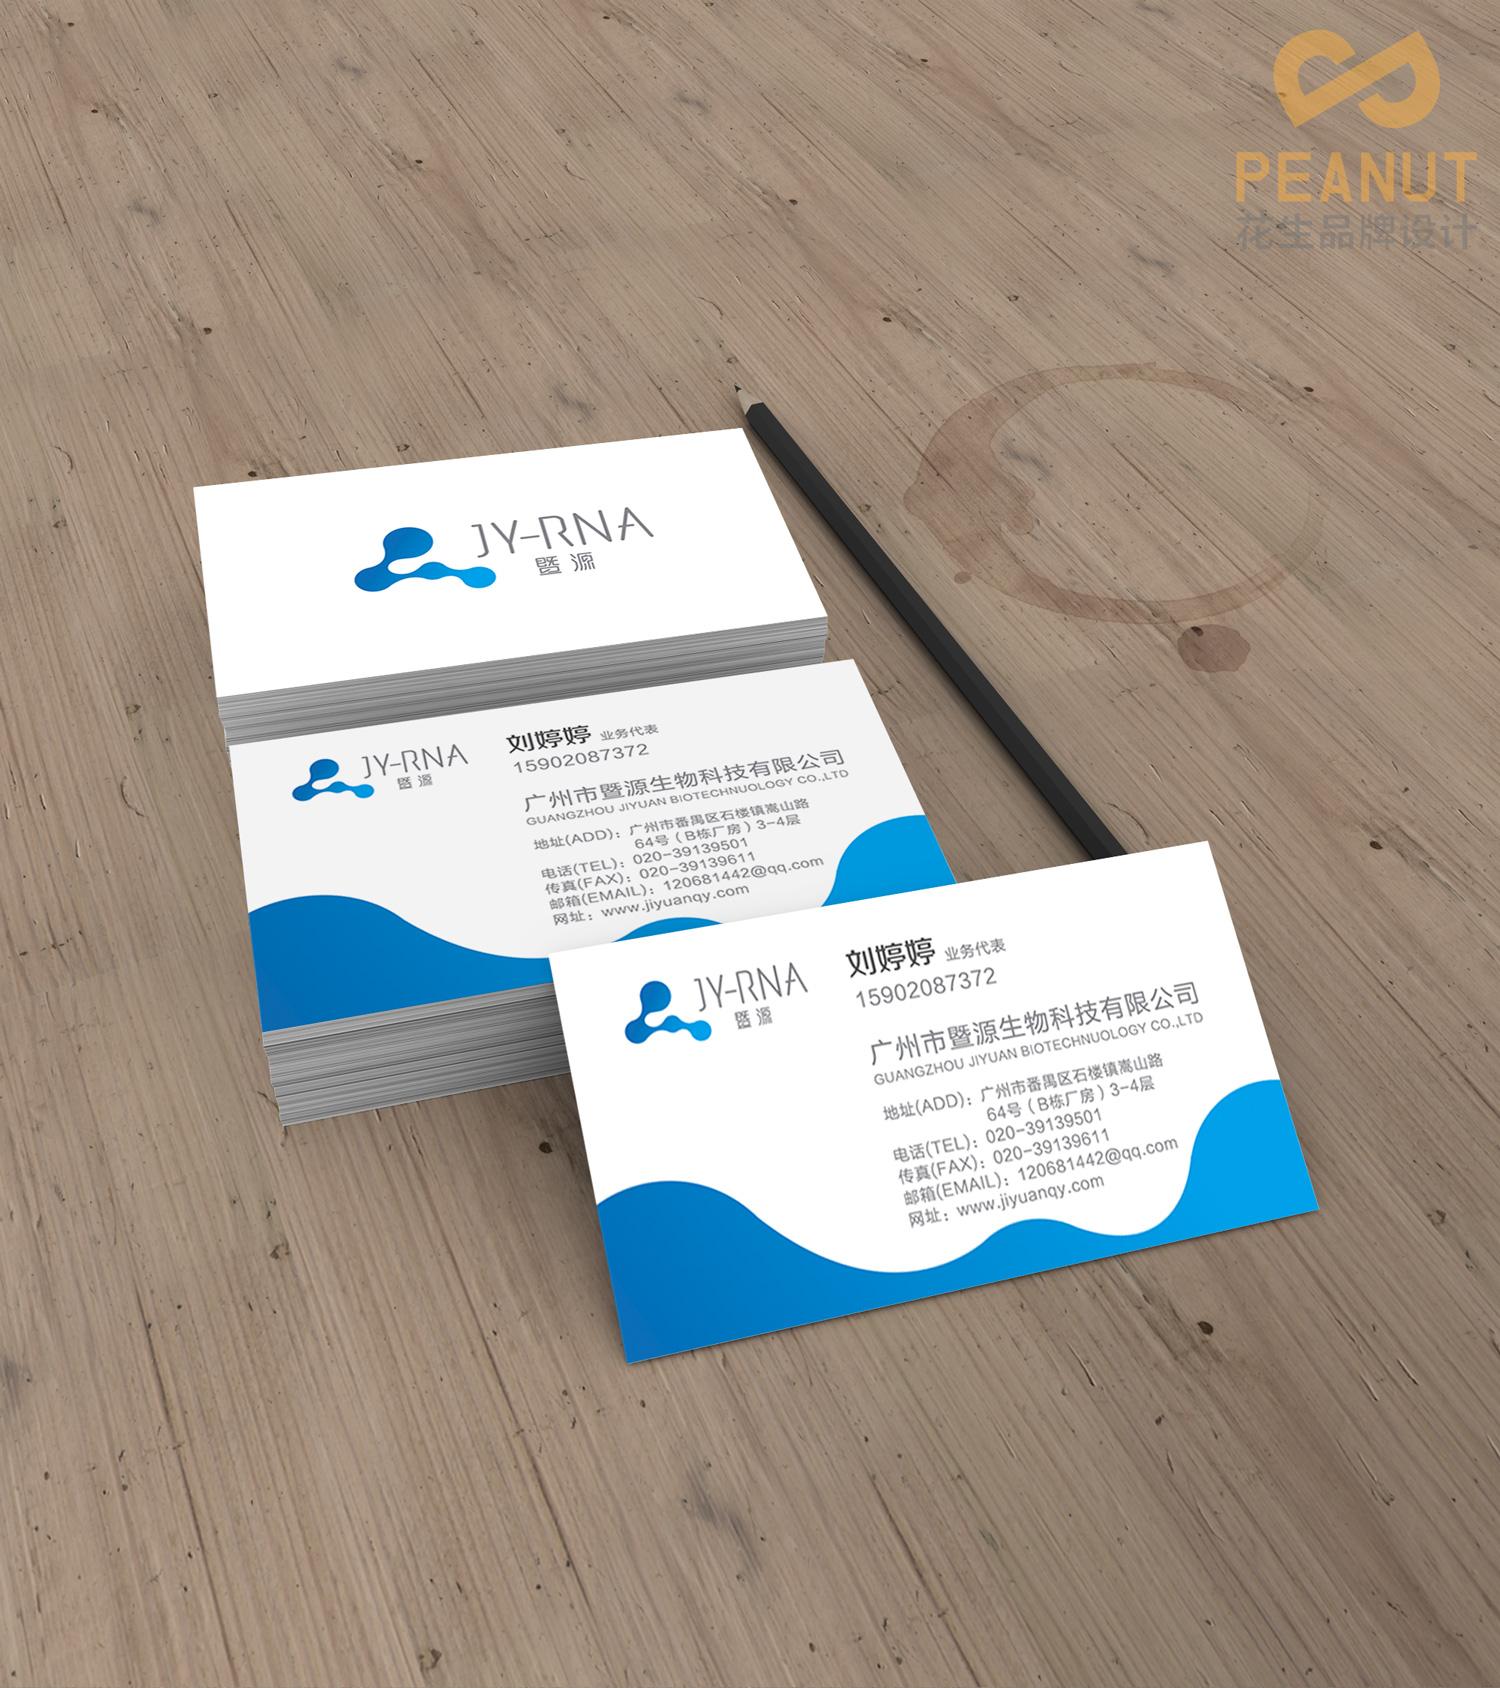 暨源生物品牌vi设计,广州生物科技品牌设计,生物科技公司品牌设计,生物品牌vi设计